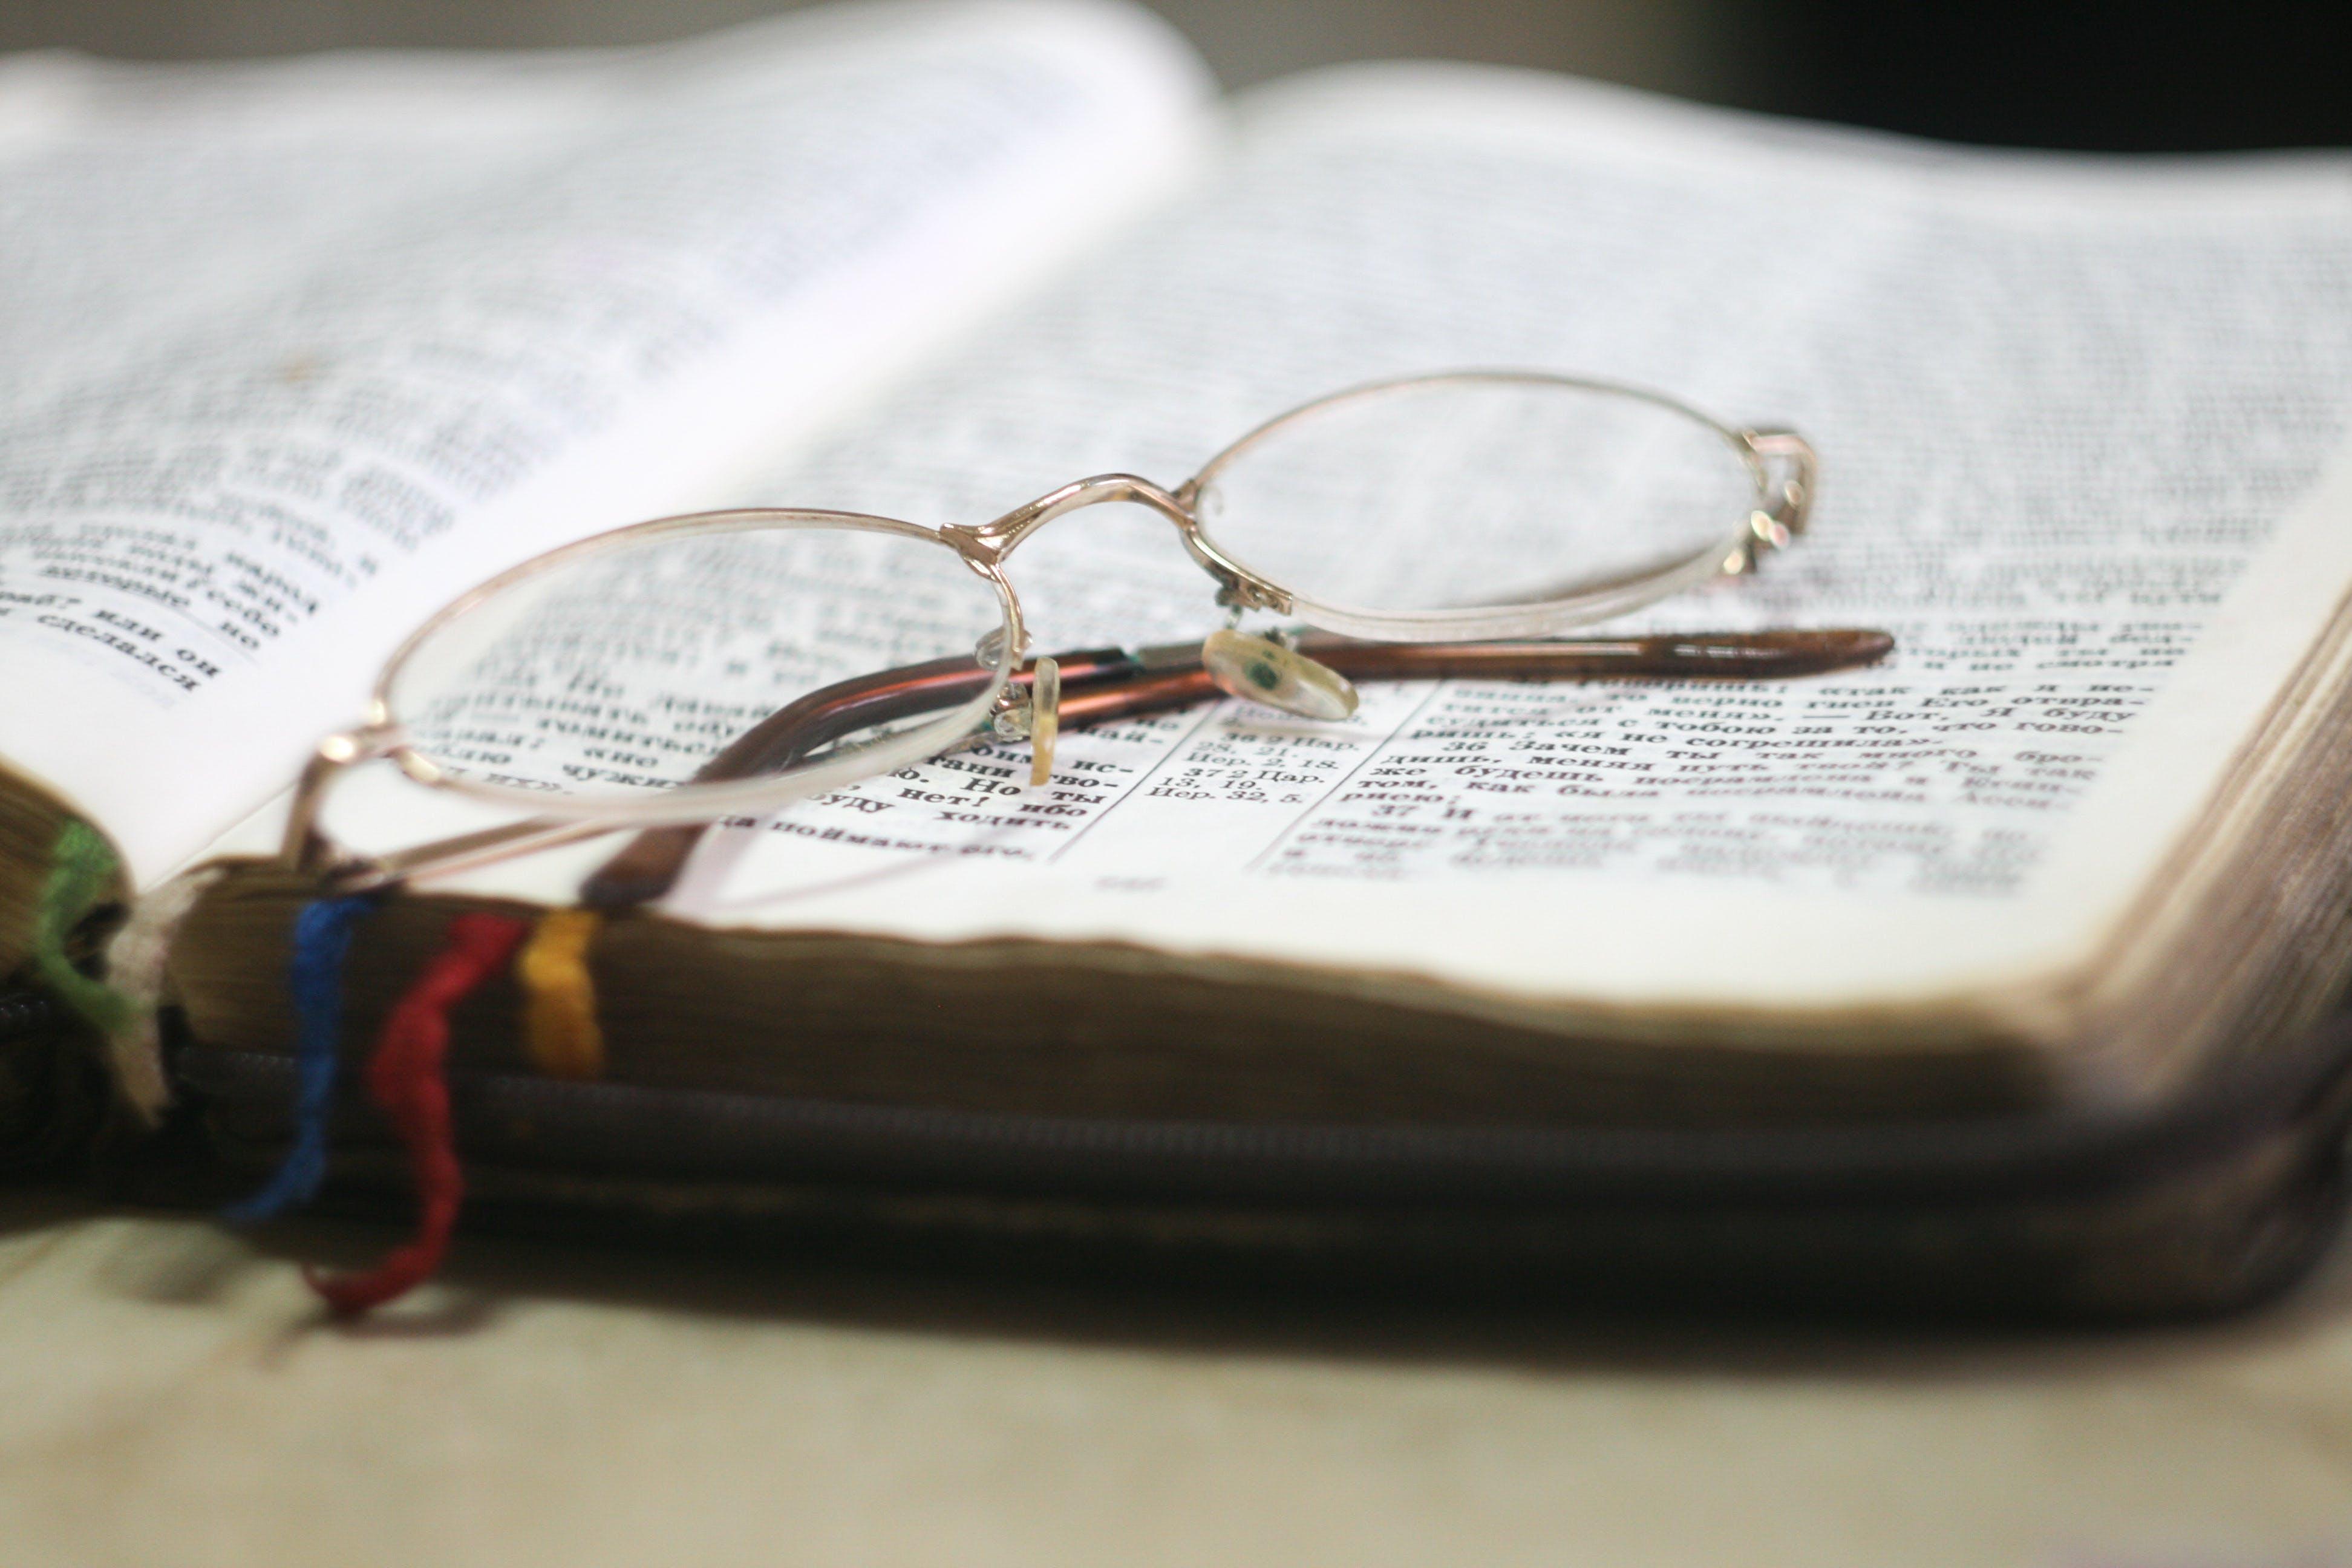 거룩한, 거룩한 책, 공부하다, 교육의 무료 스톡 사진